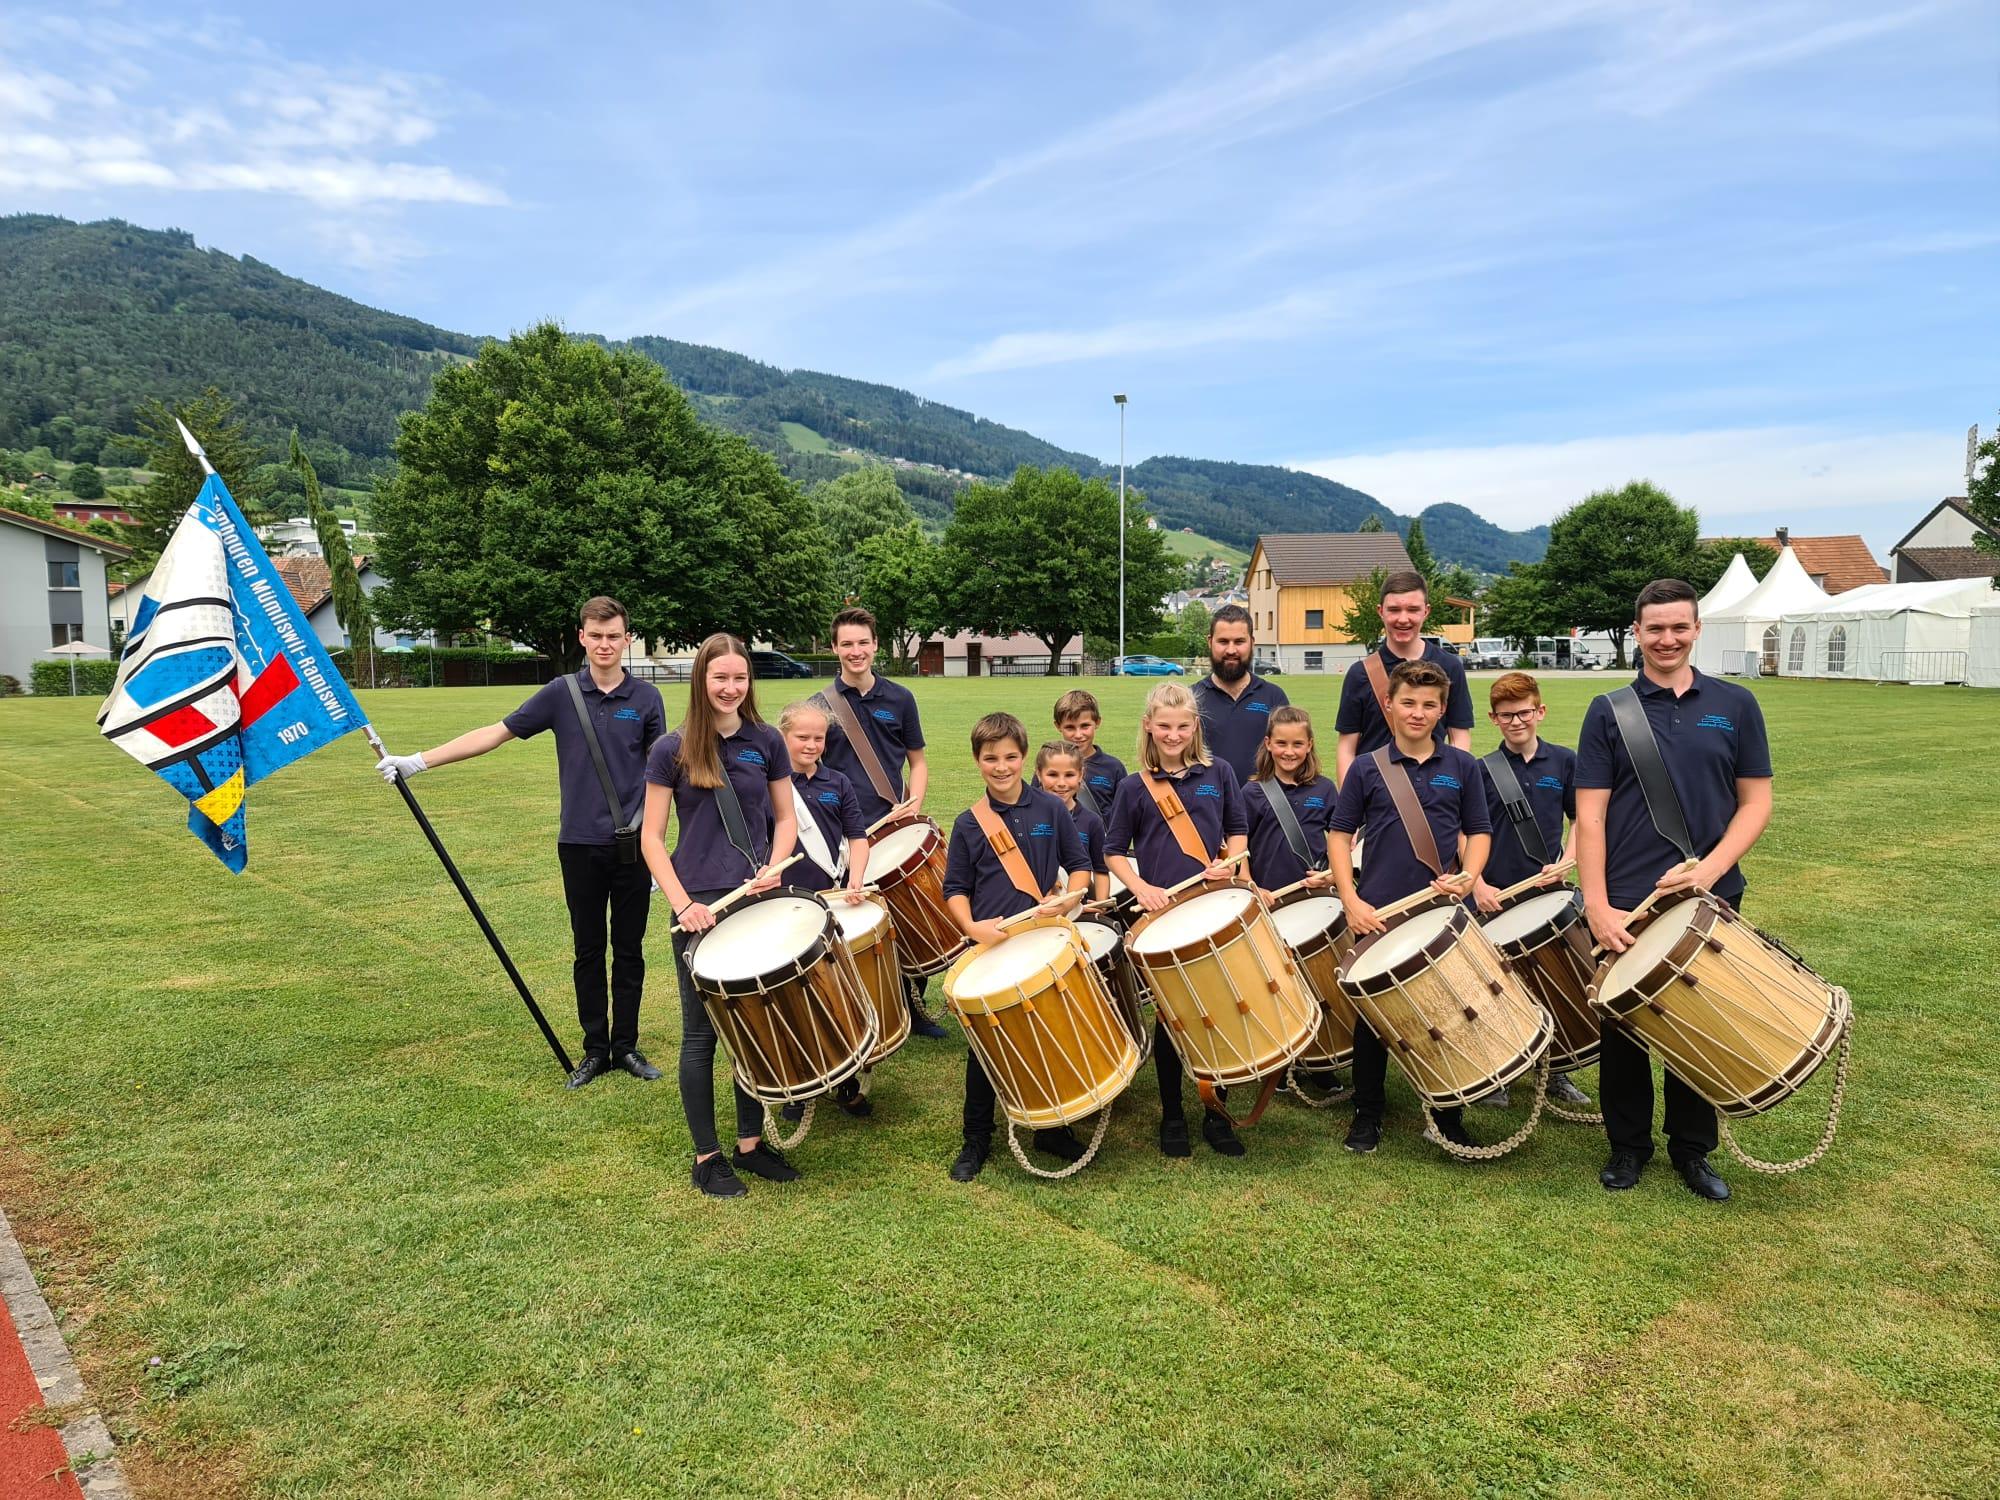 Bericht Tambouren- und Pfeiferfest in Lüchingen vom 25./26. Juni 2021